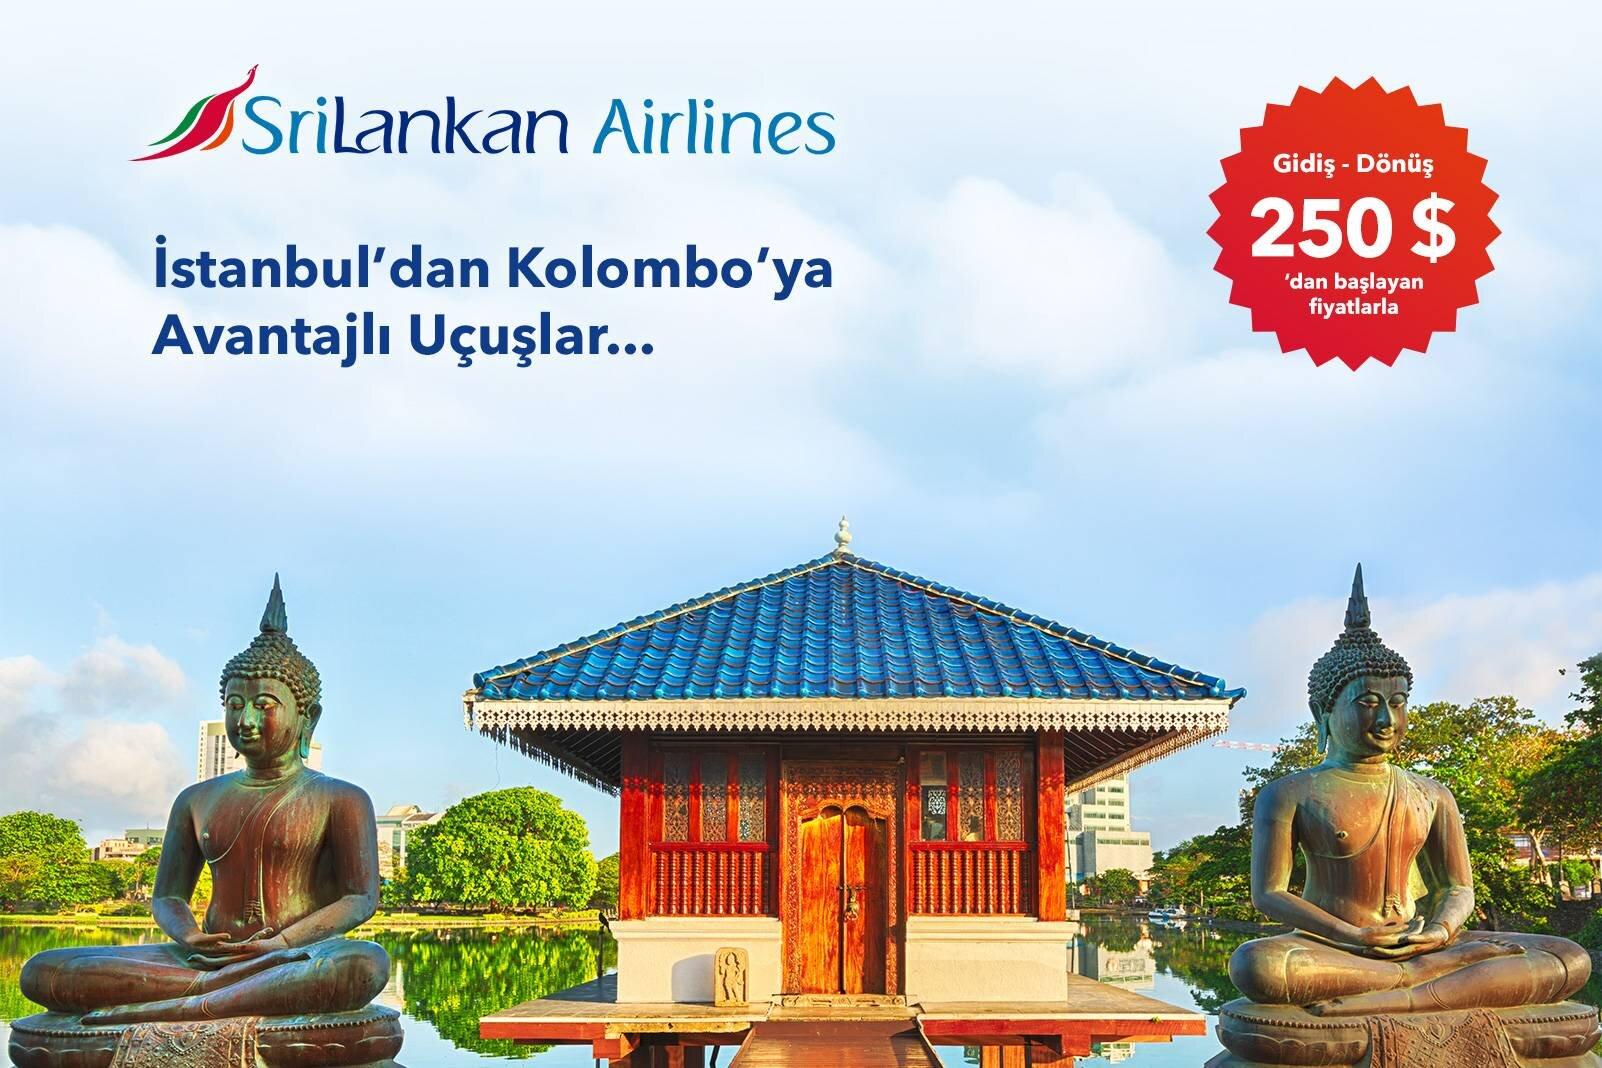 SriLankan Hava Yolları ile İstanbul - Kolombo İndirimli Uçuş Fırsatı